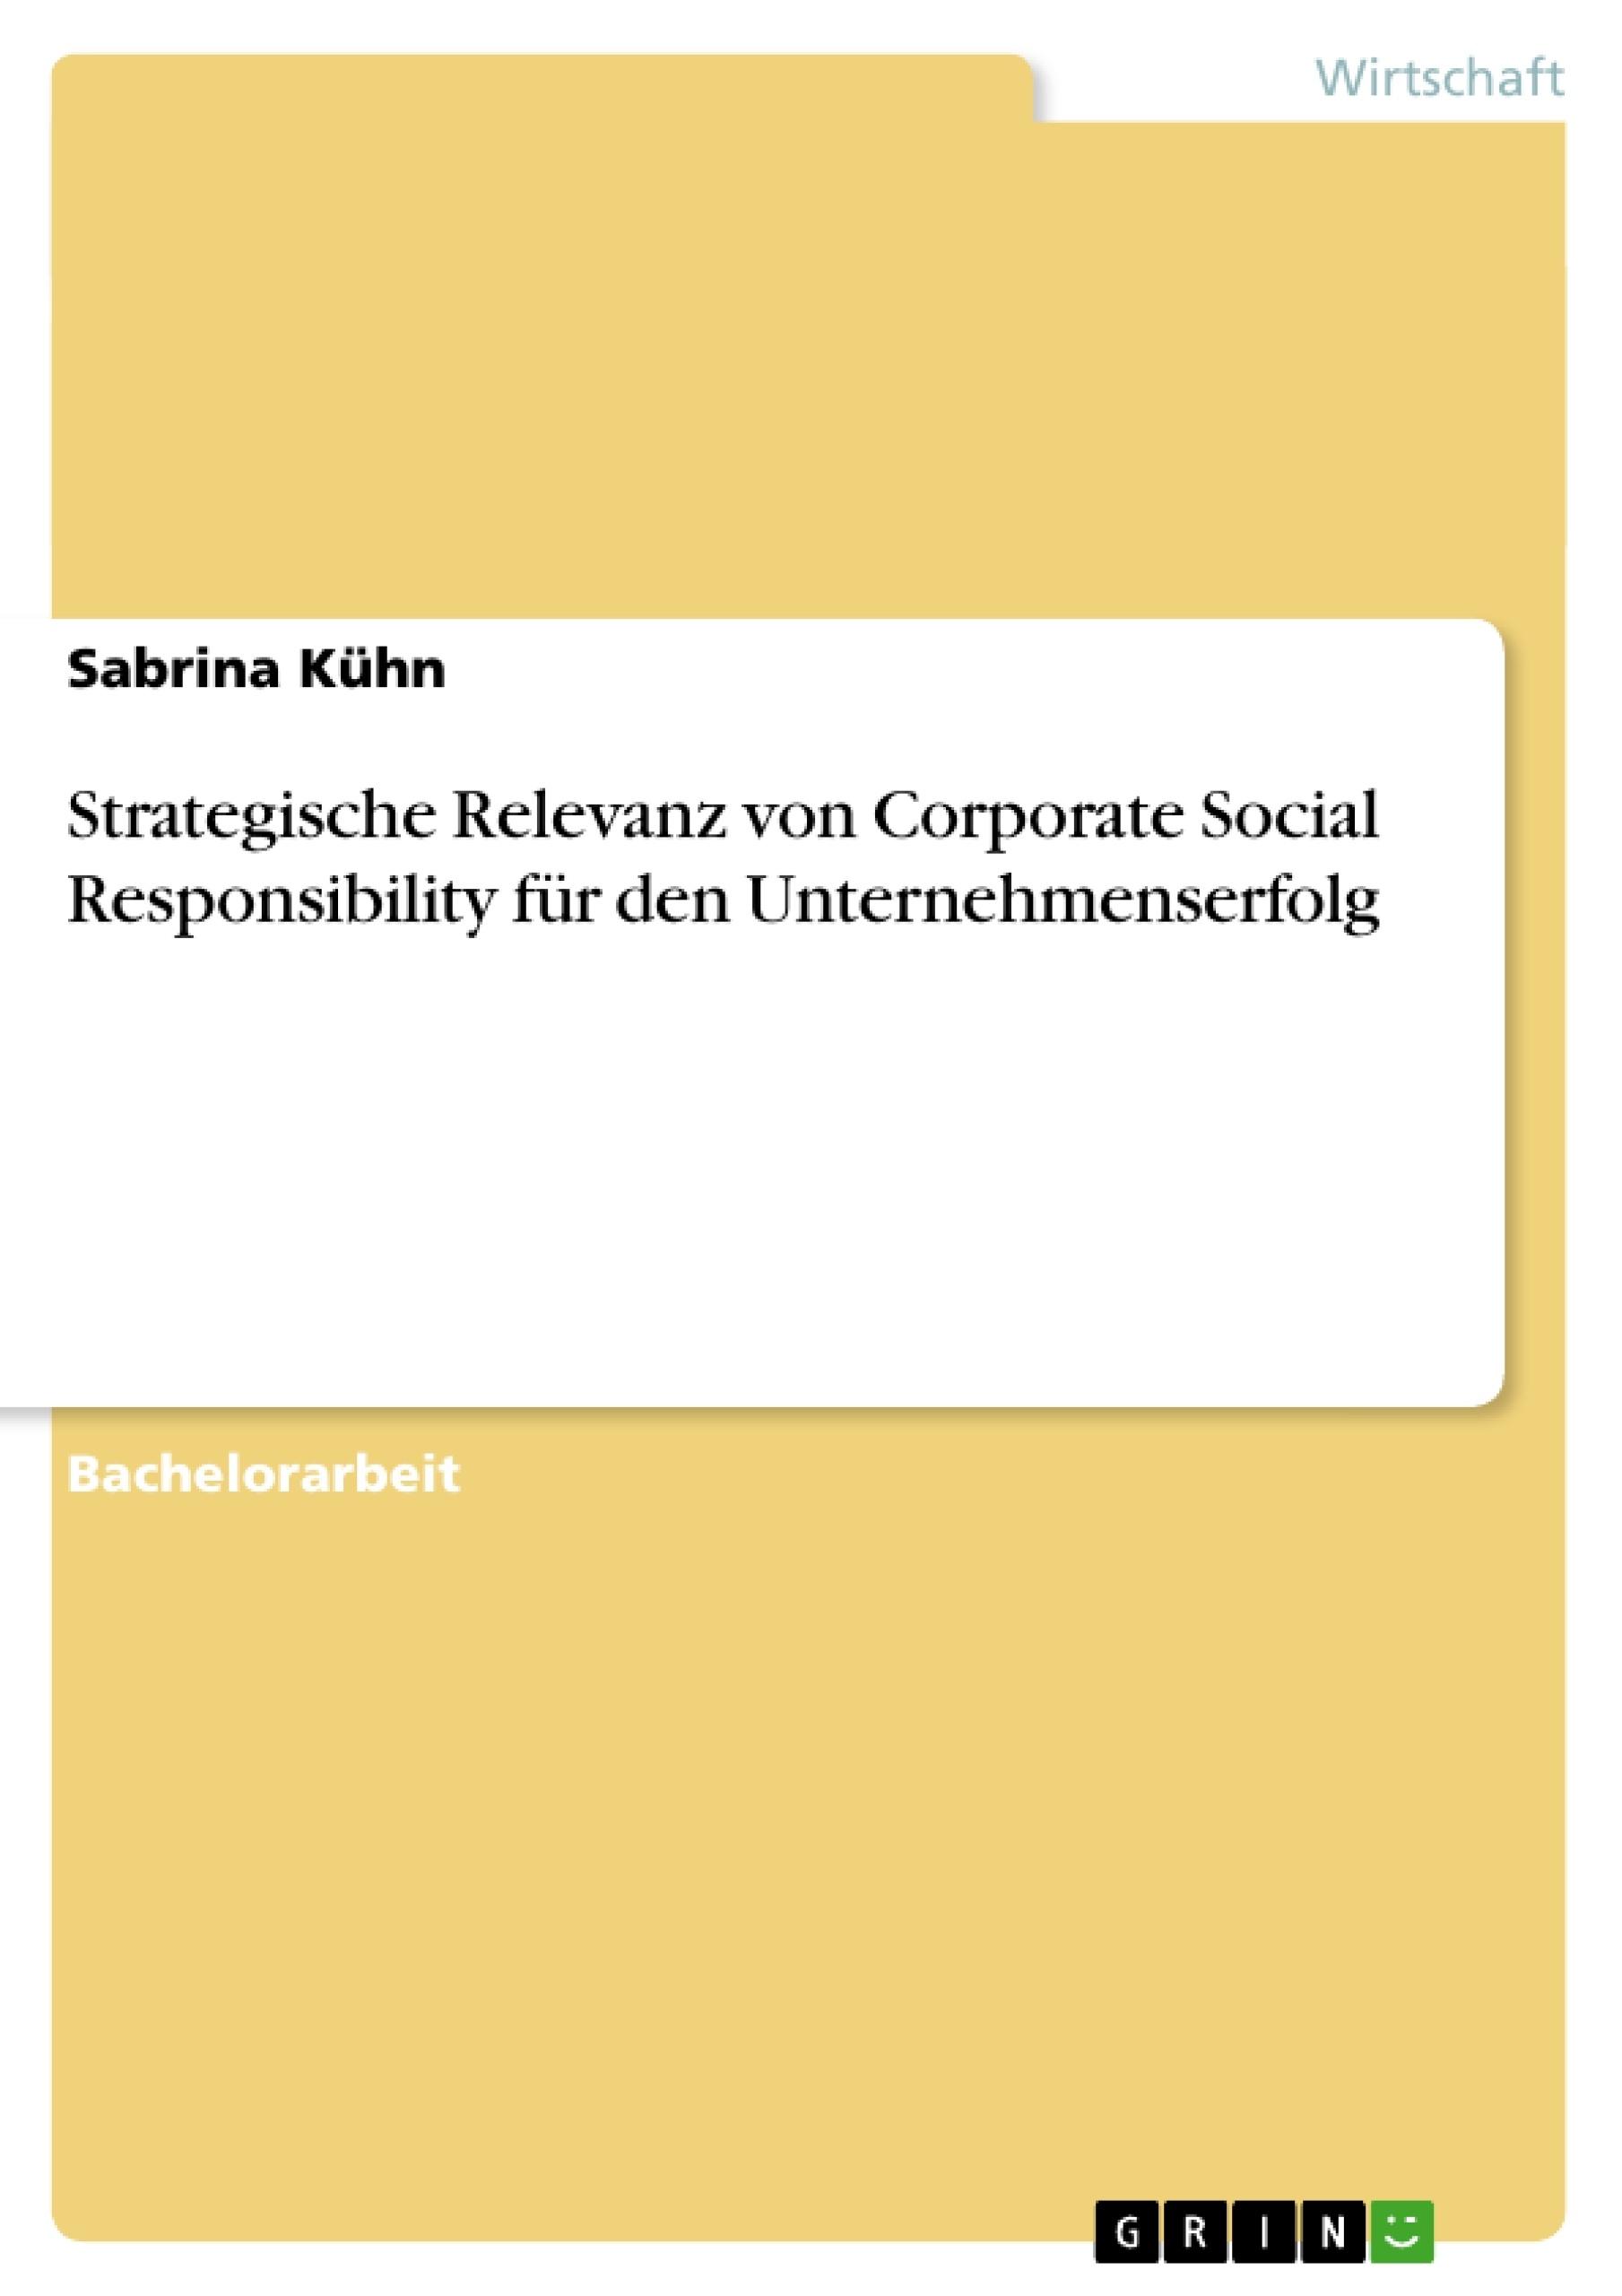 Titel: Strategische Relevanz von Corporate Social Responsibility für den Unternehmenserfolg